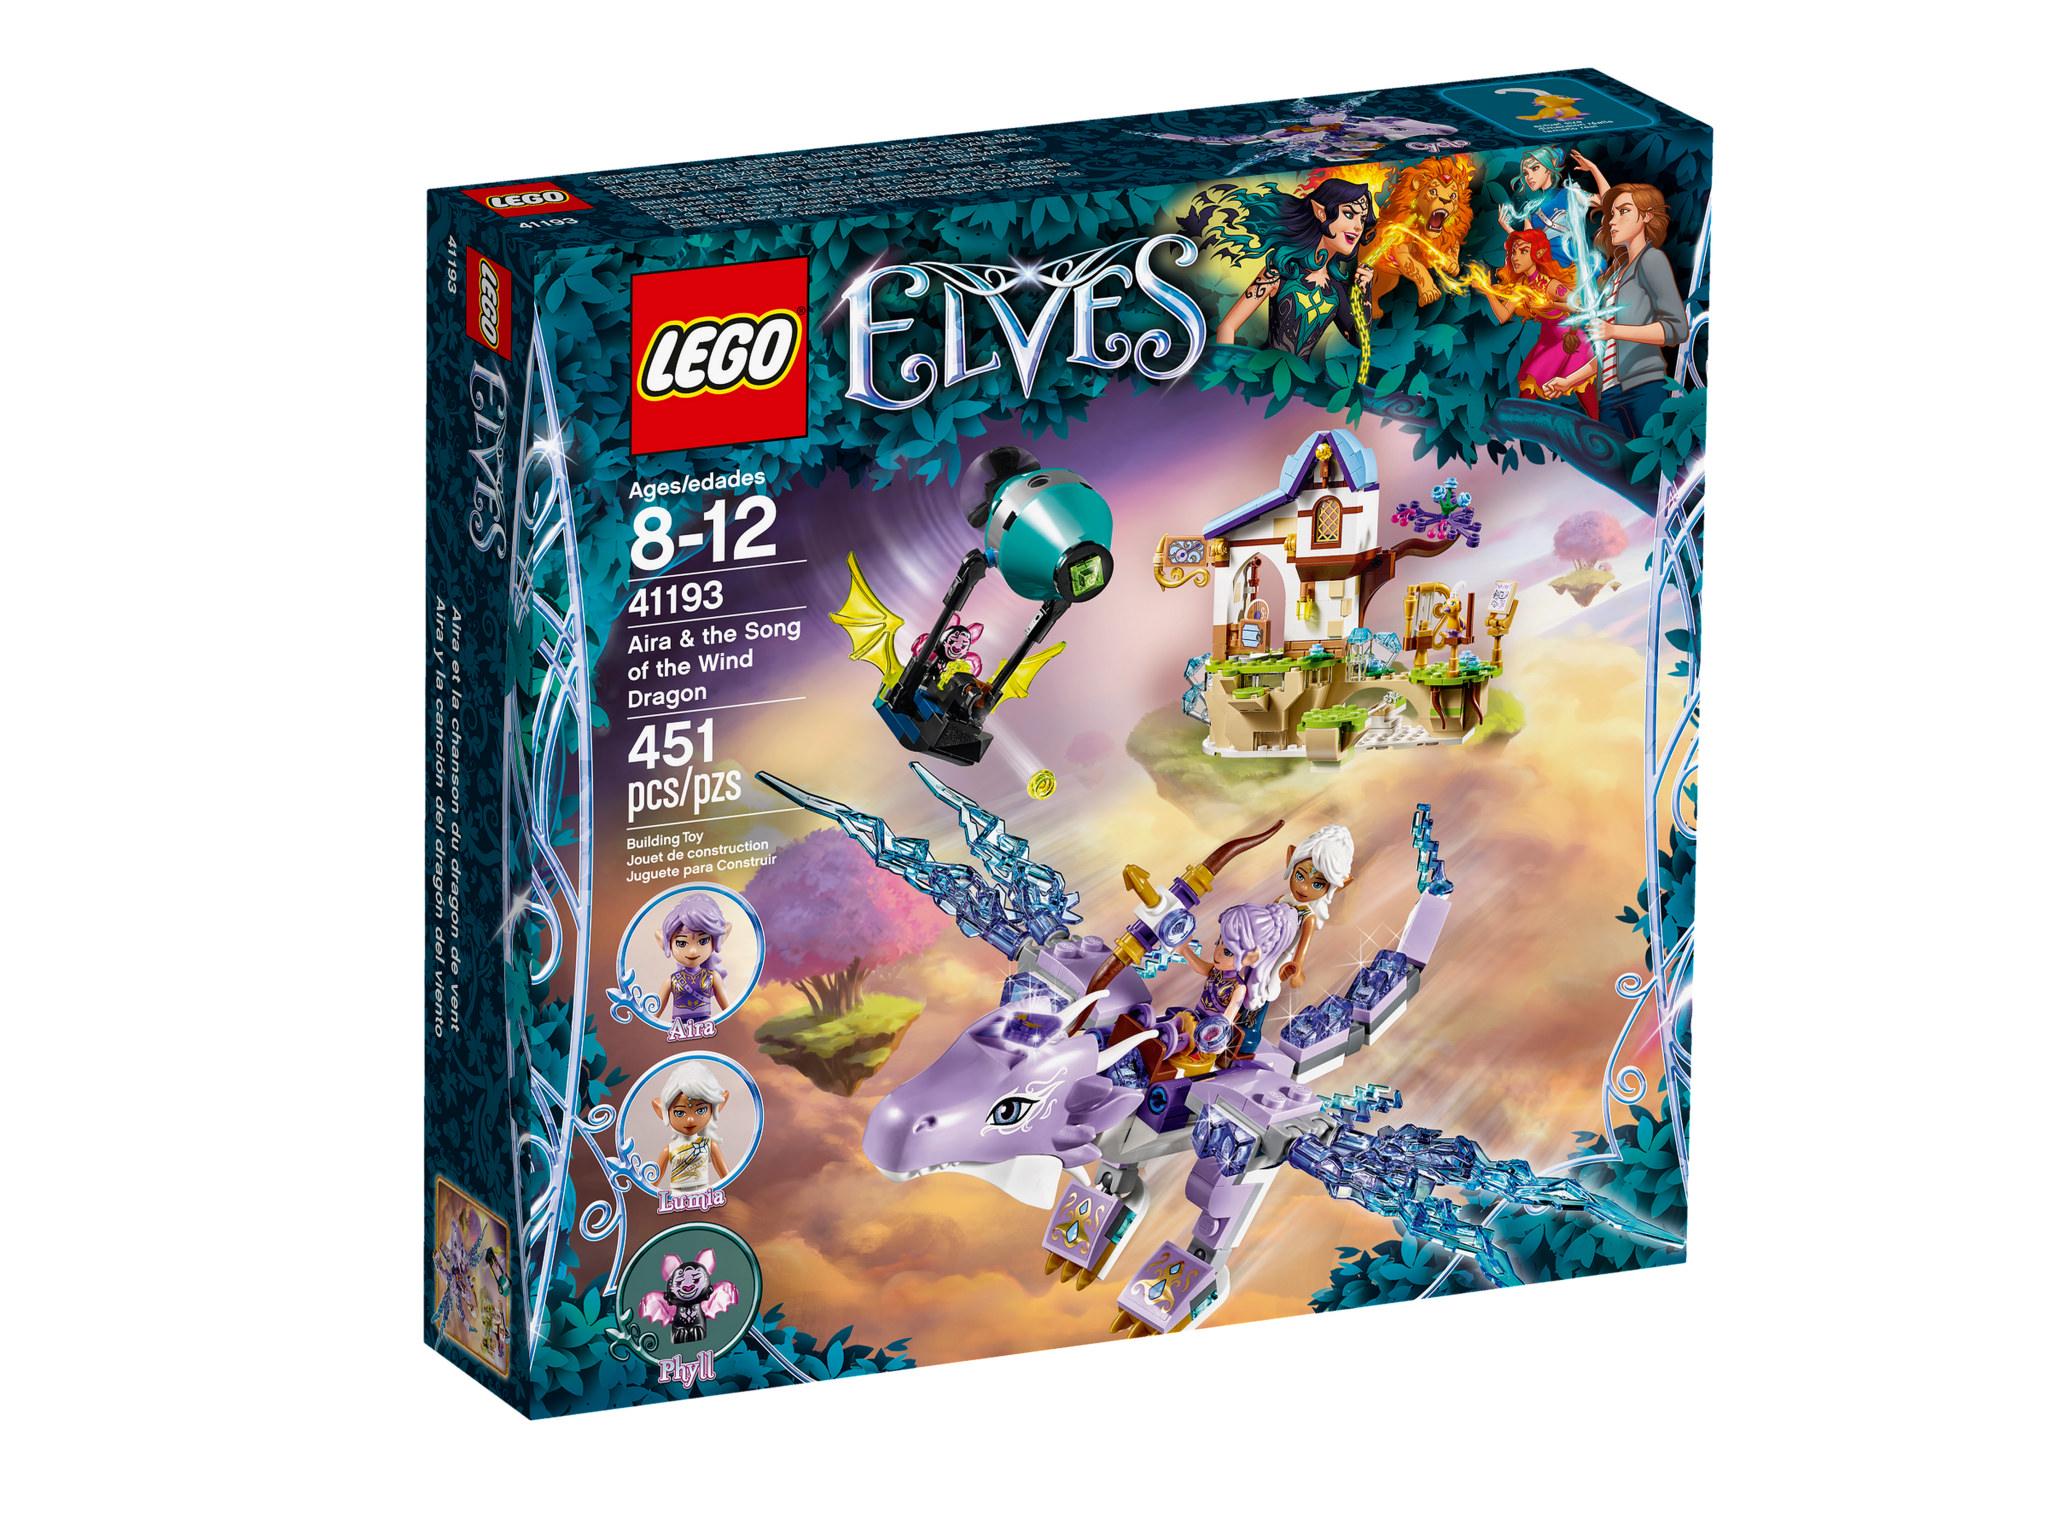 LEGO Elves 2018 Sets Vorgestellt Zusammengebaut